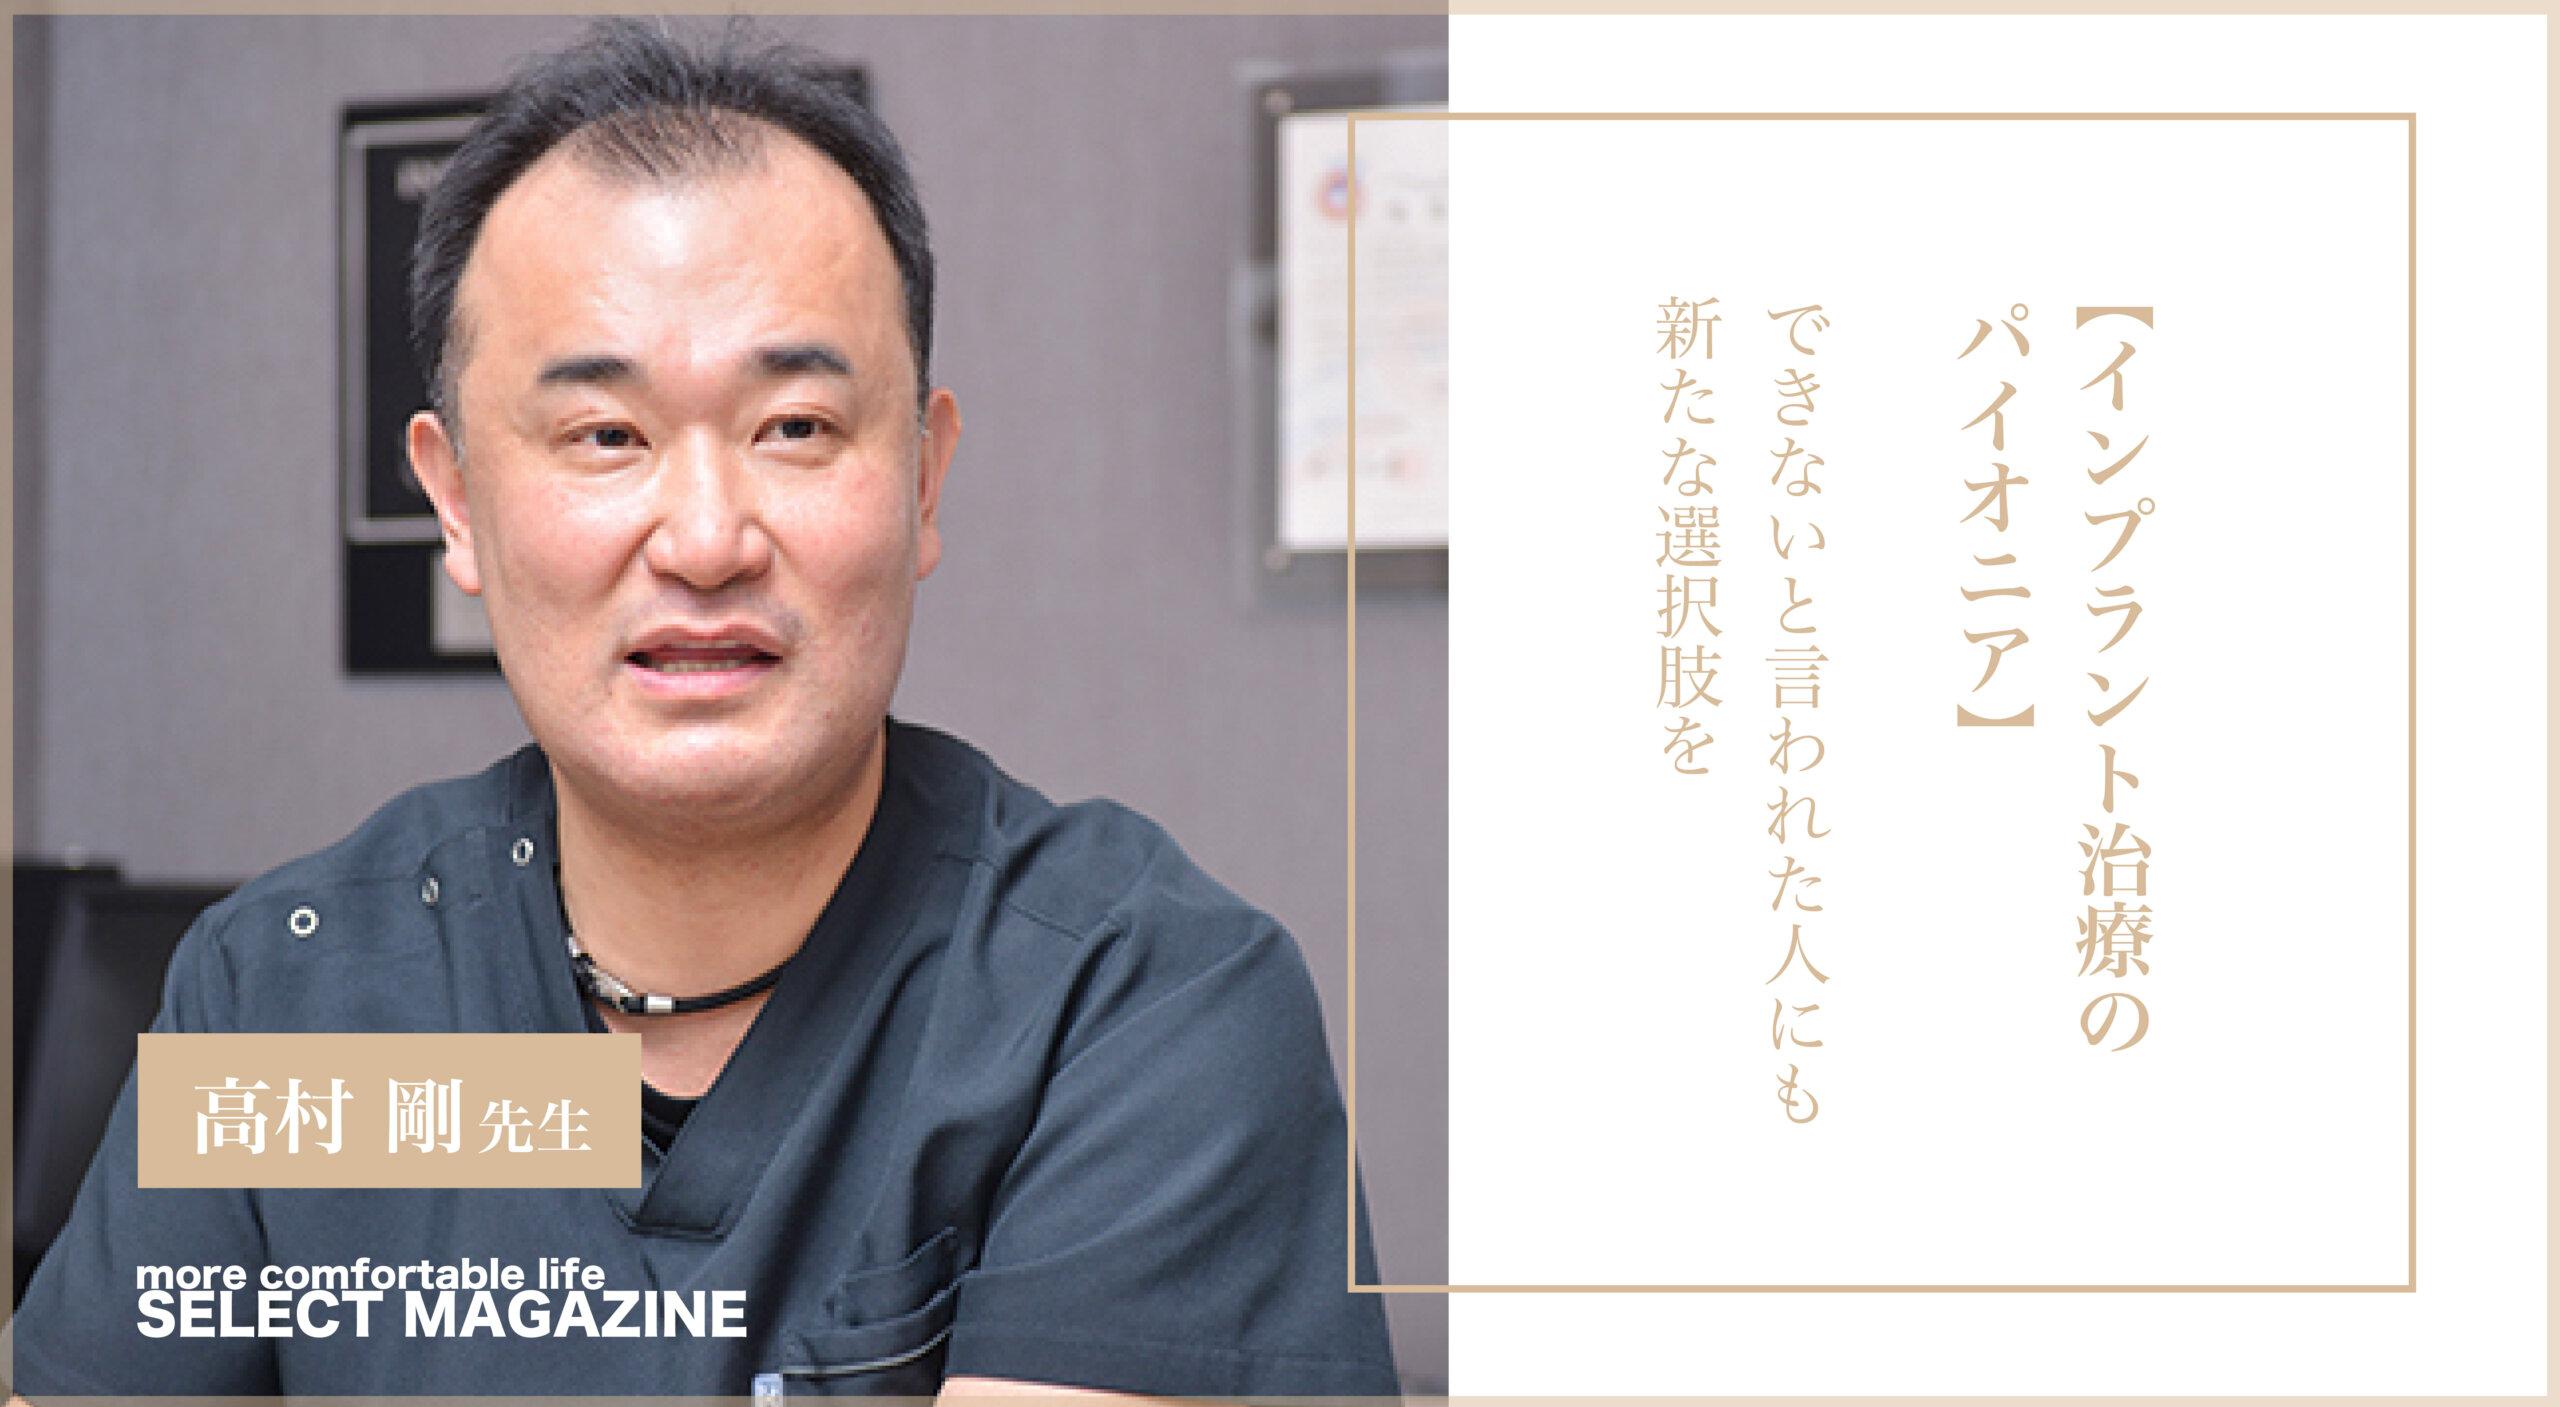 【インプラント治療でもう迷わない!】パイオニア高村剛先生|亀有カトリ歯科医院